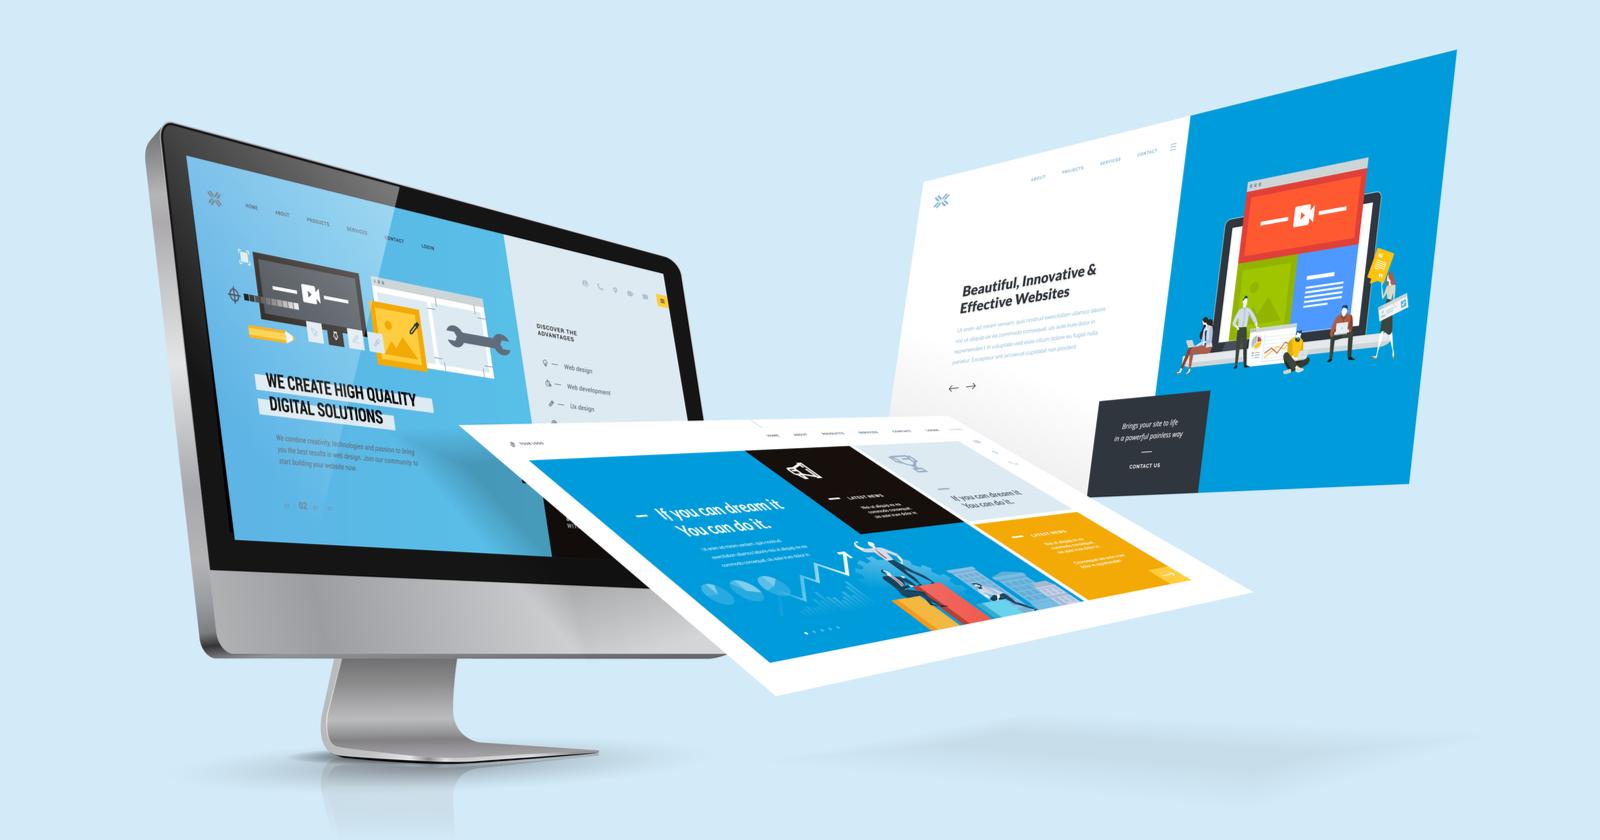 C:\Users\USER\Desktop\5-ways-seo-web-design-go-together-5e2945dd5df37.png